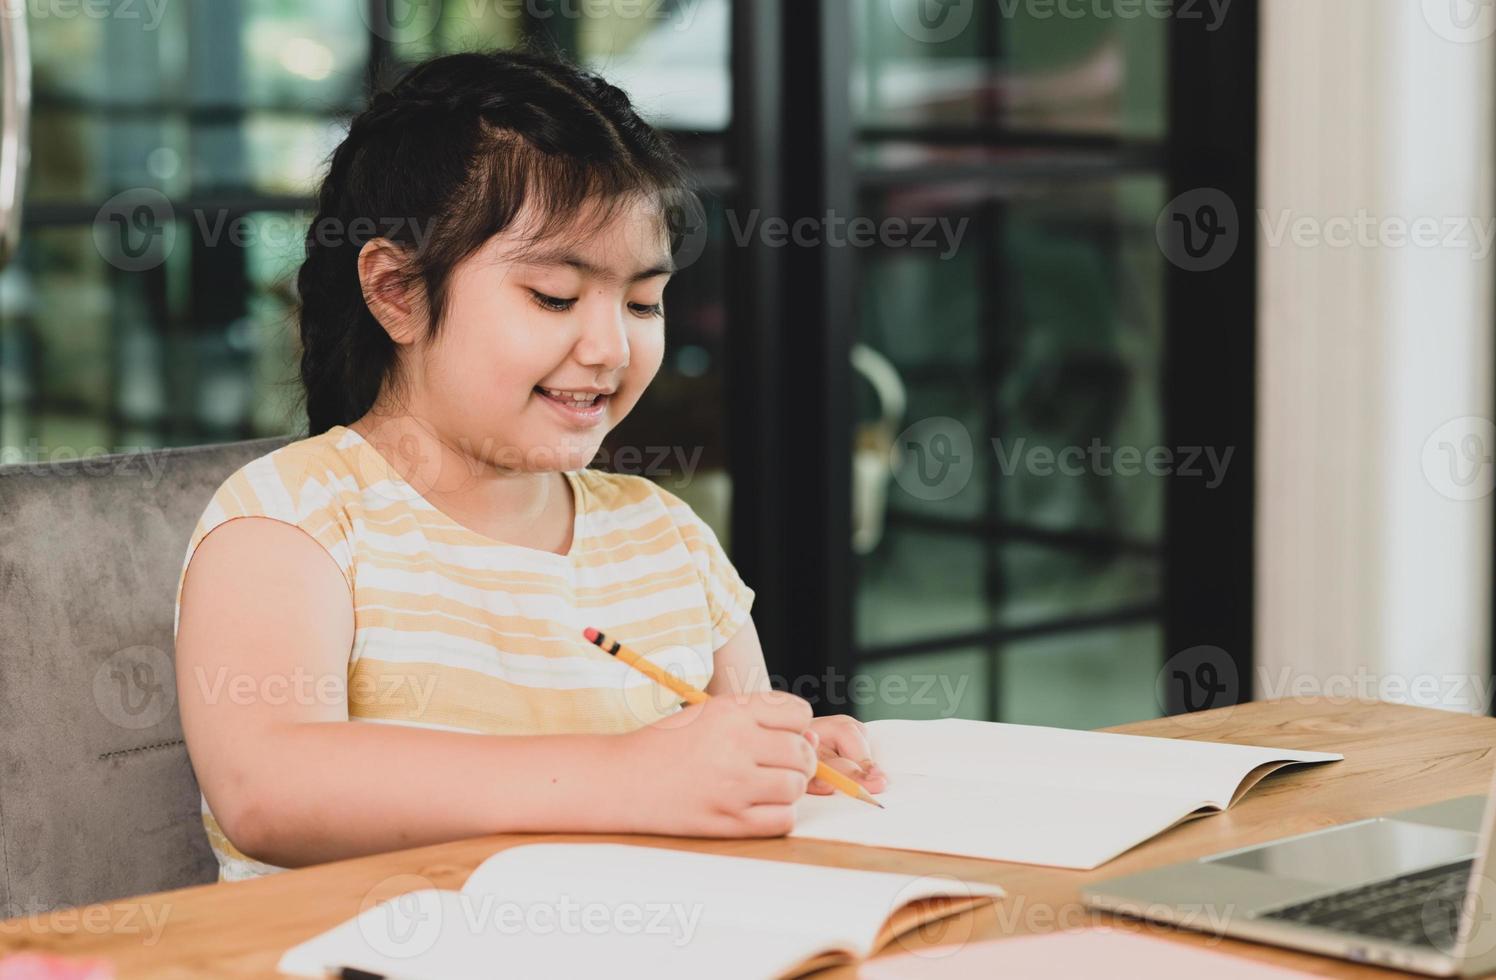 una niña asiática de buen humor está estudiando en casa. foto